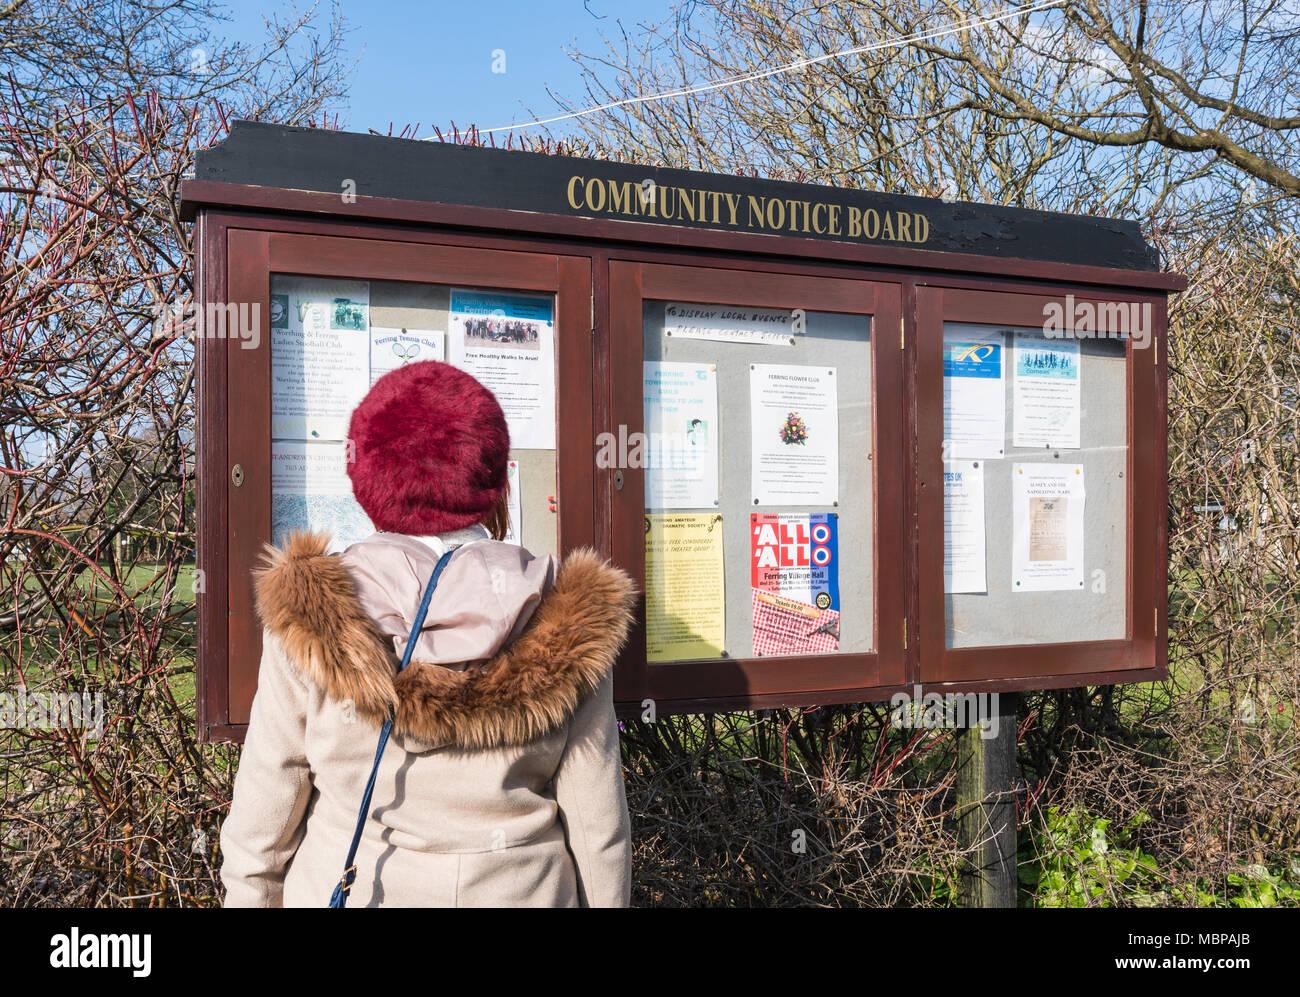 Femme lisant un tableau d'affichage communautaire à Ferring, West Sussex, Angleterre, Royaume-Uni. Dame à la Communauté à un affichage dans une ville britannique. Photo Stock